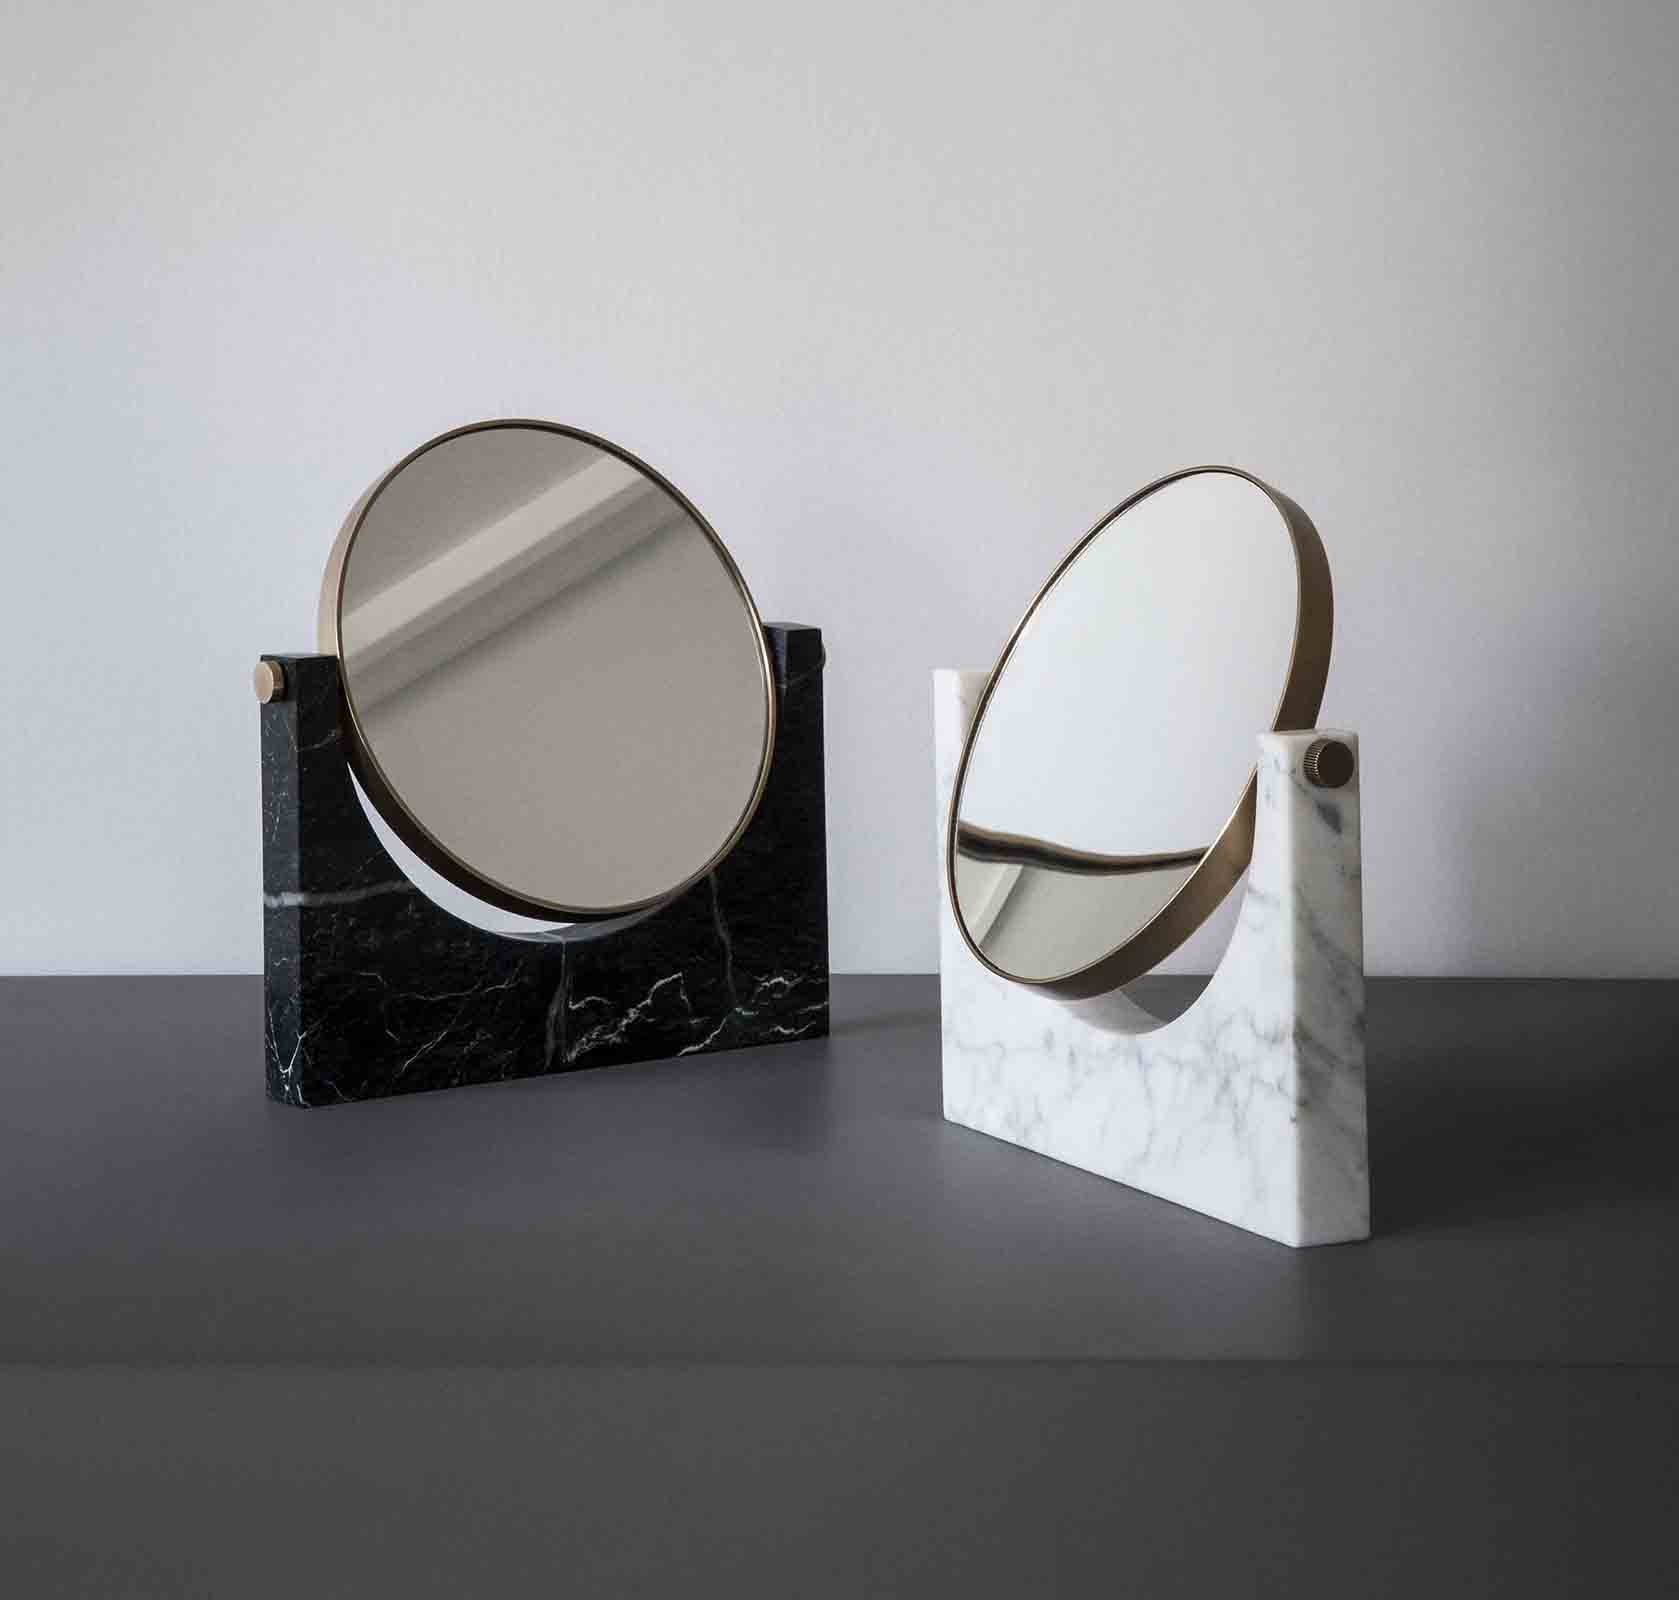 'Pepe' marble vanity mirrors from Menu